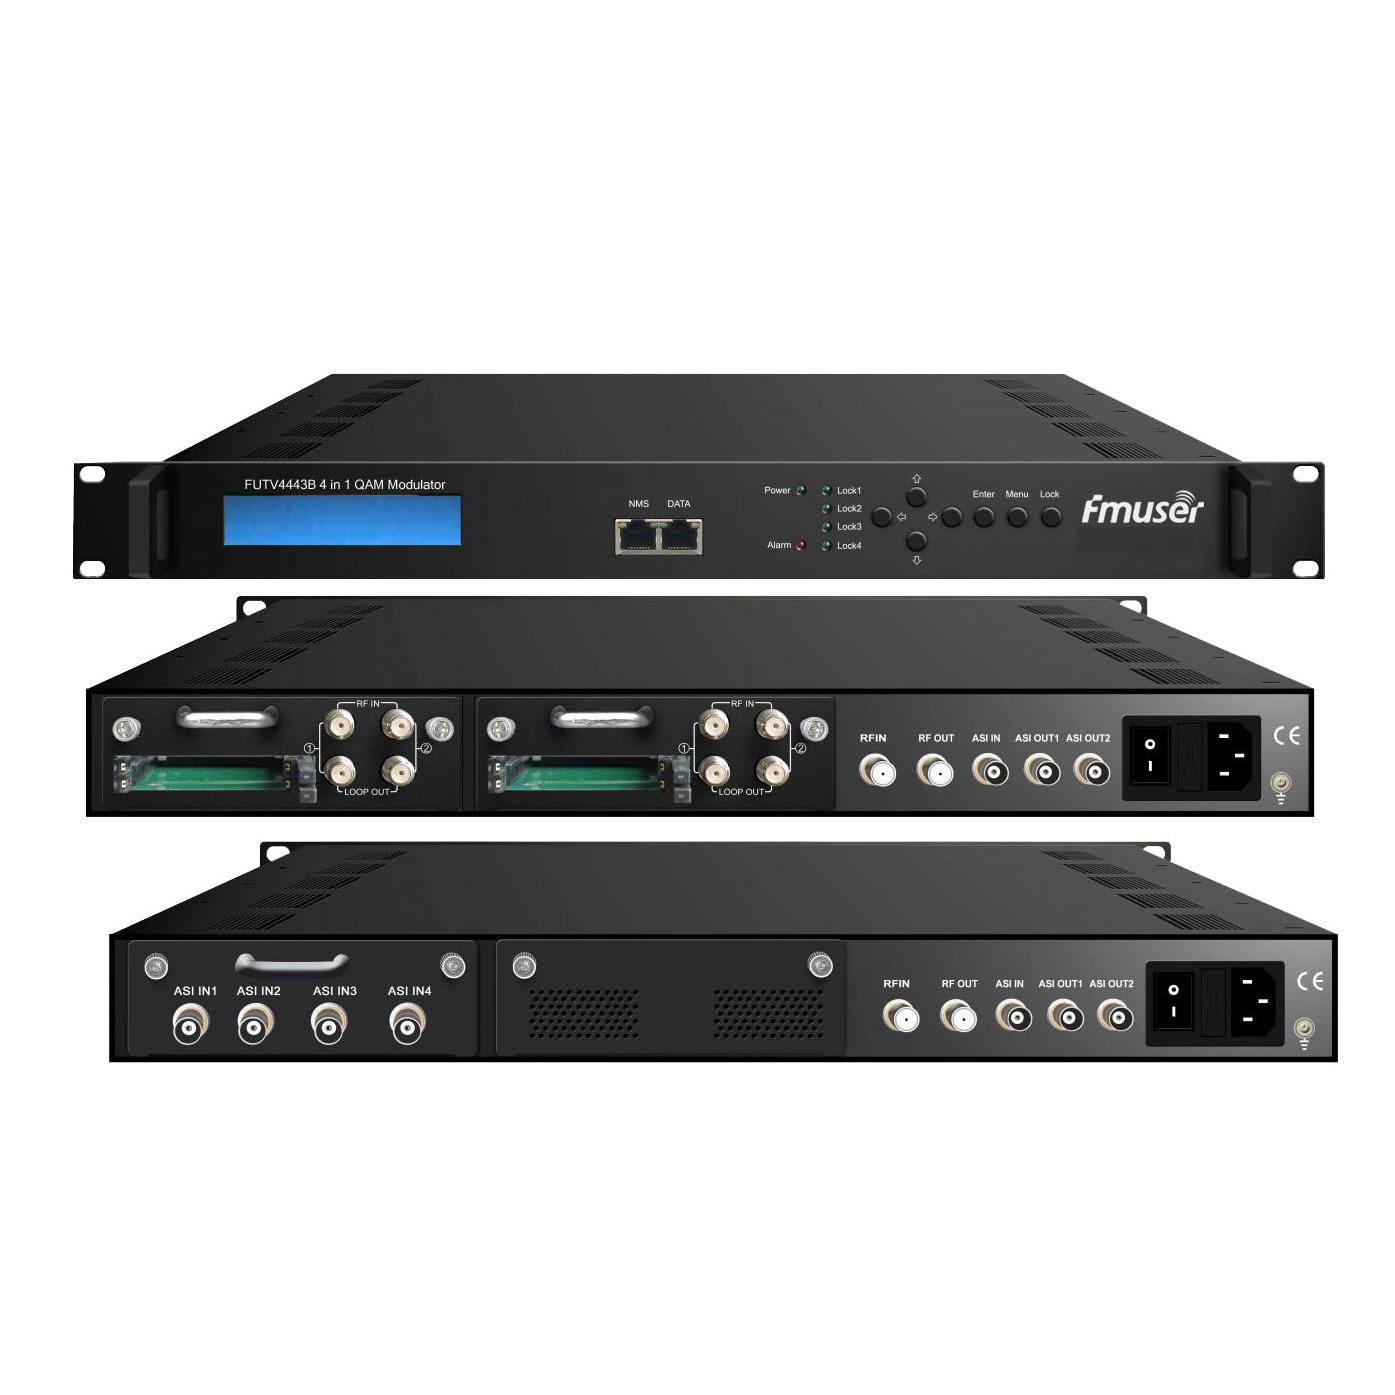 FMUSER FUTV4443B 4 į 1 MUX-kodavimo QAM Moduliatorius (neprivaloma 4 * ASI / imtuvas yra, 4 * RF out) pritaikant kabelinė televizija sistema